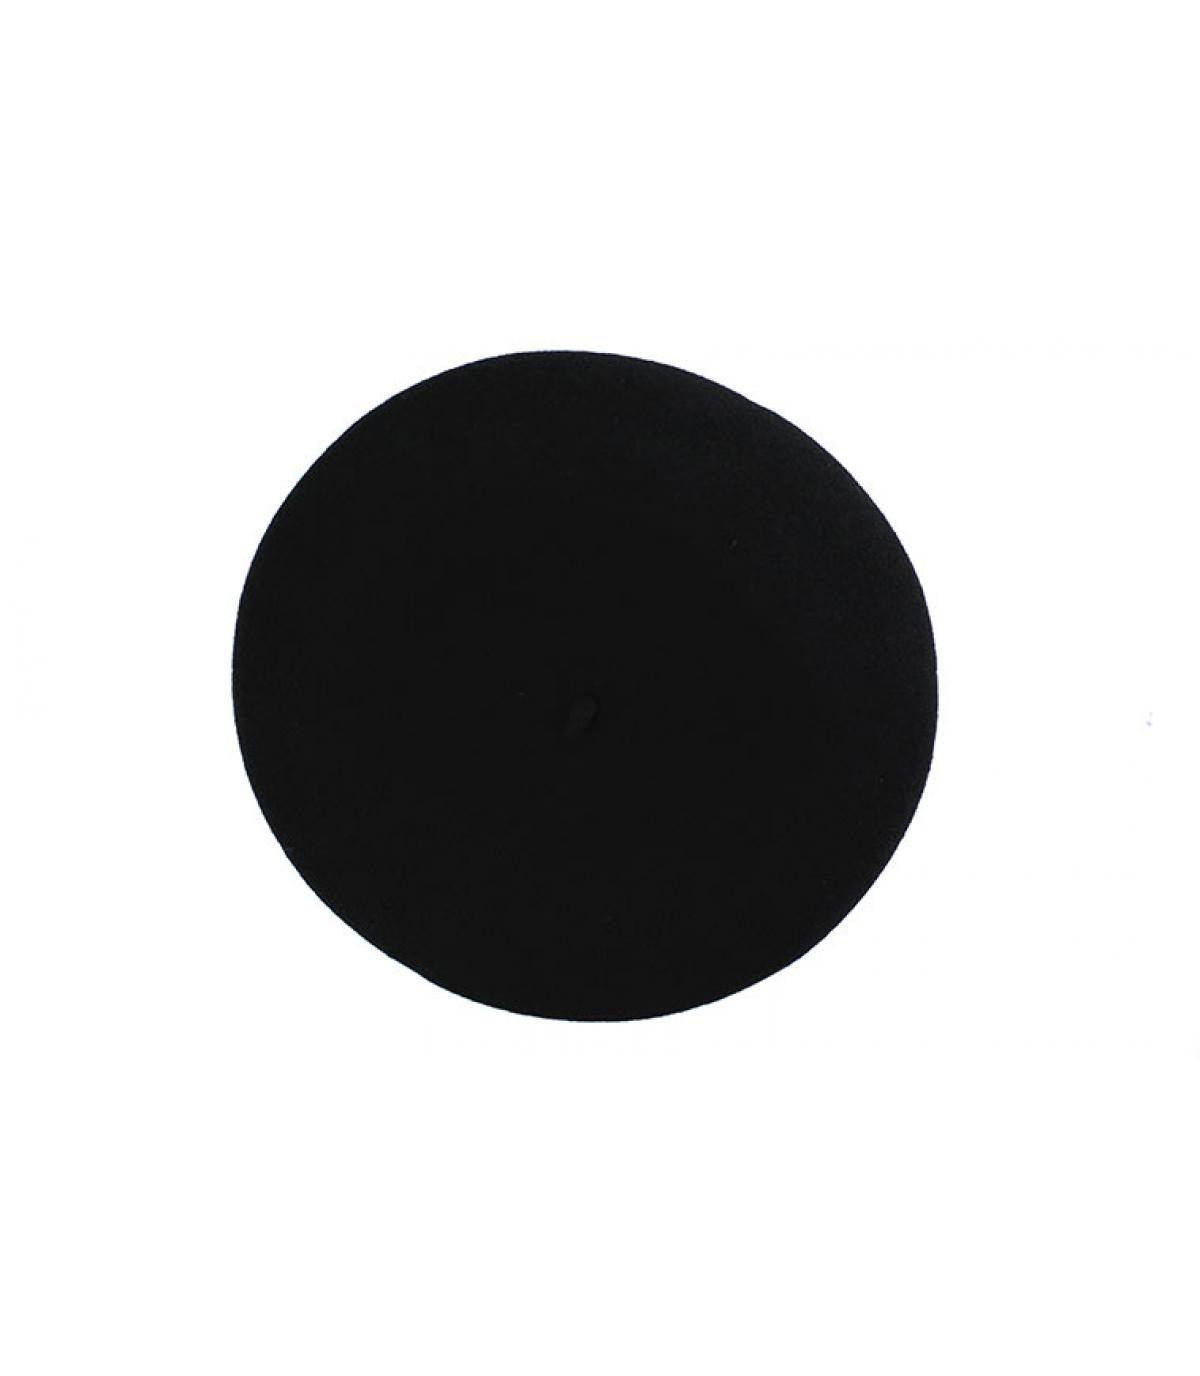 ac97d317094c86 French beret men - Beret français Pedrito black by Héritage par ...